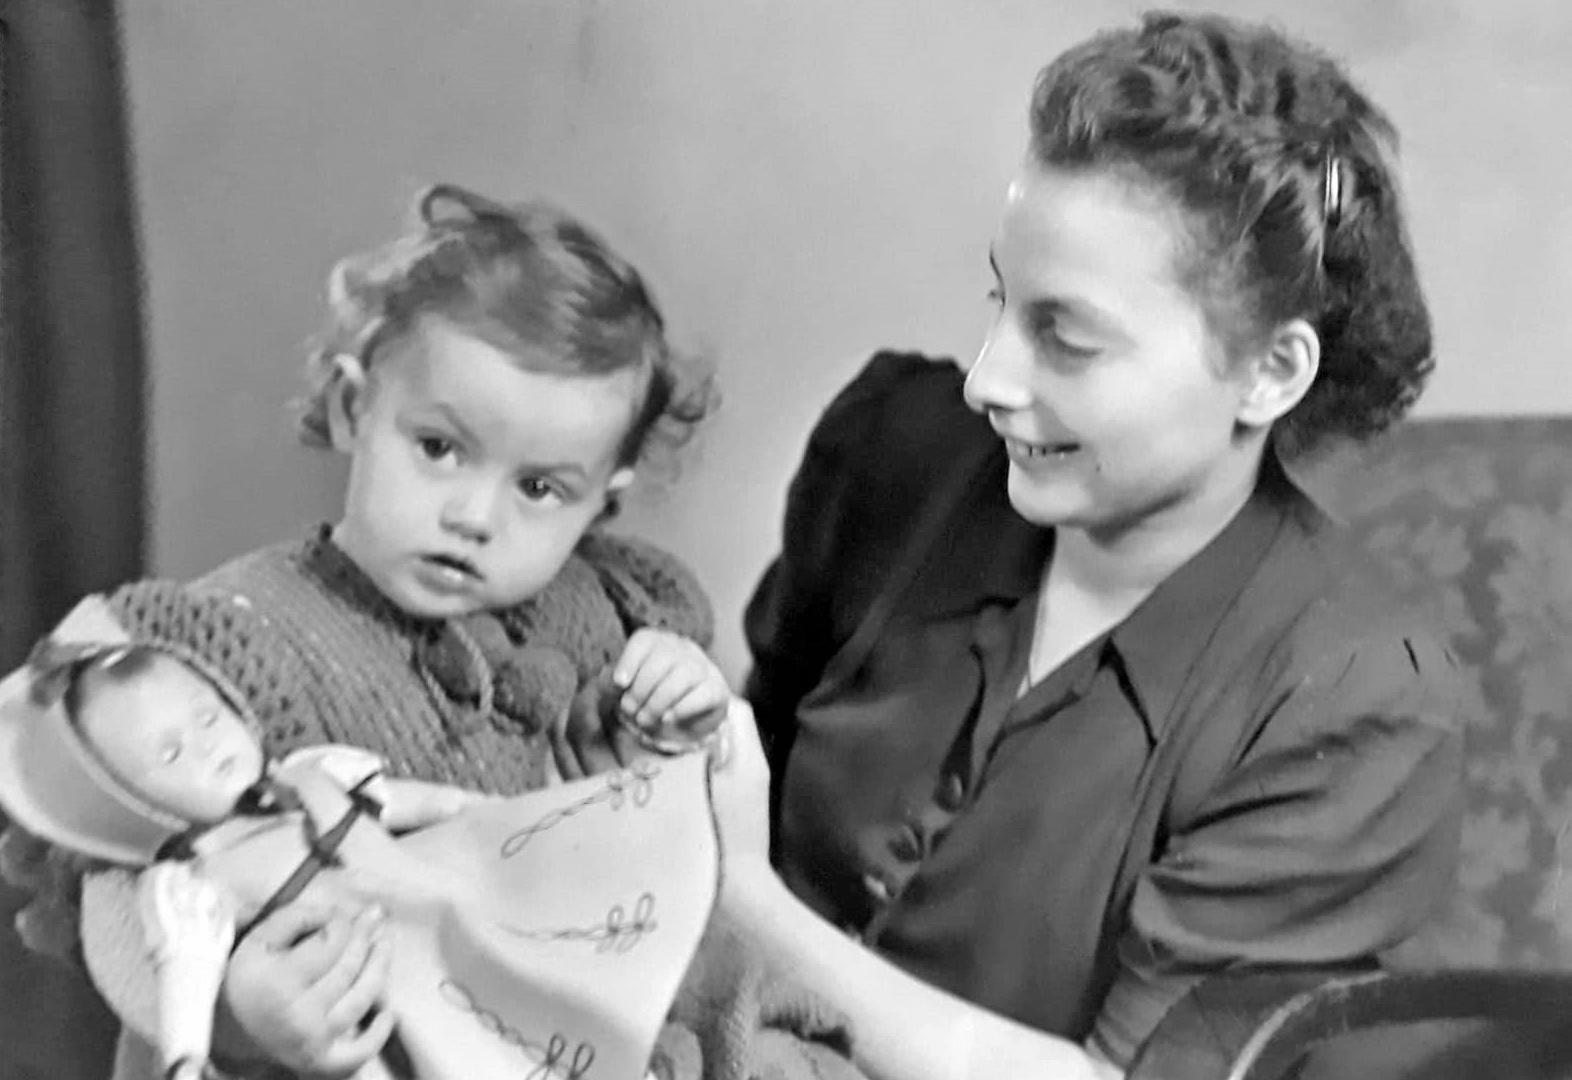 Anneliese und Heidelore Eimer 1951 oder 1952.